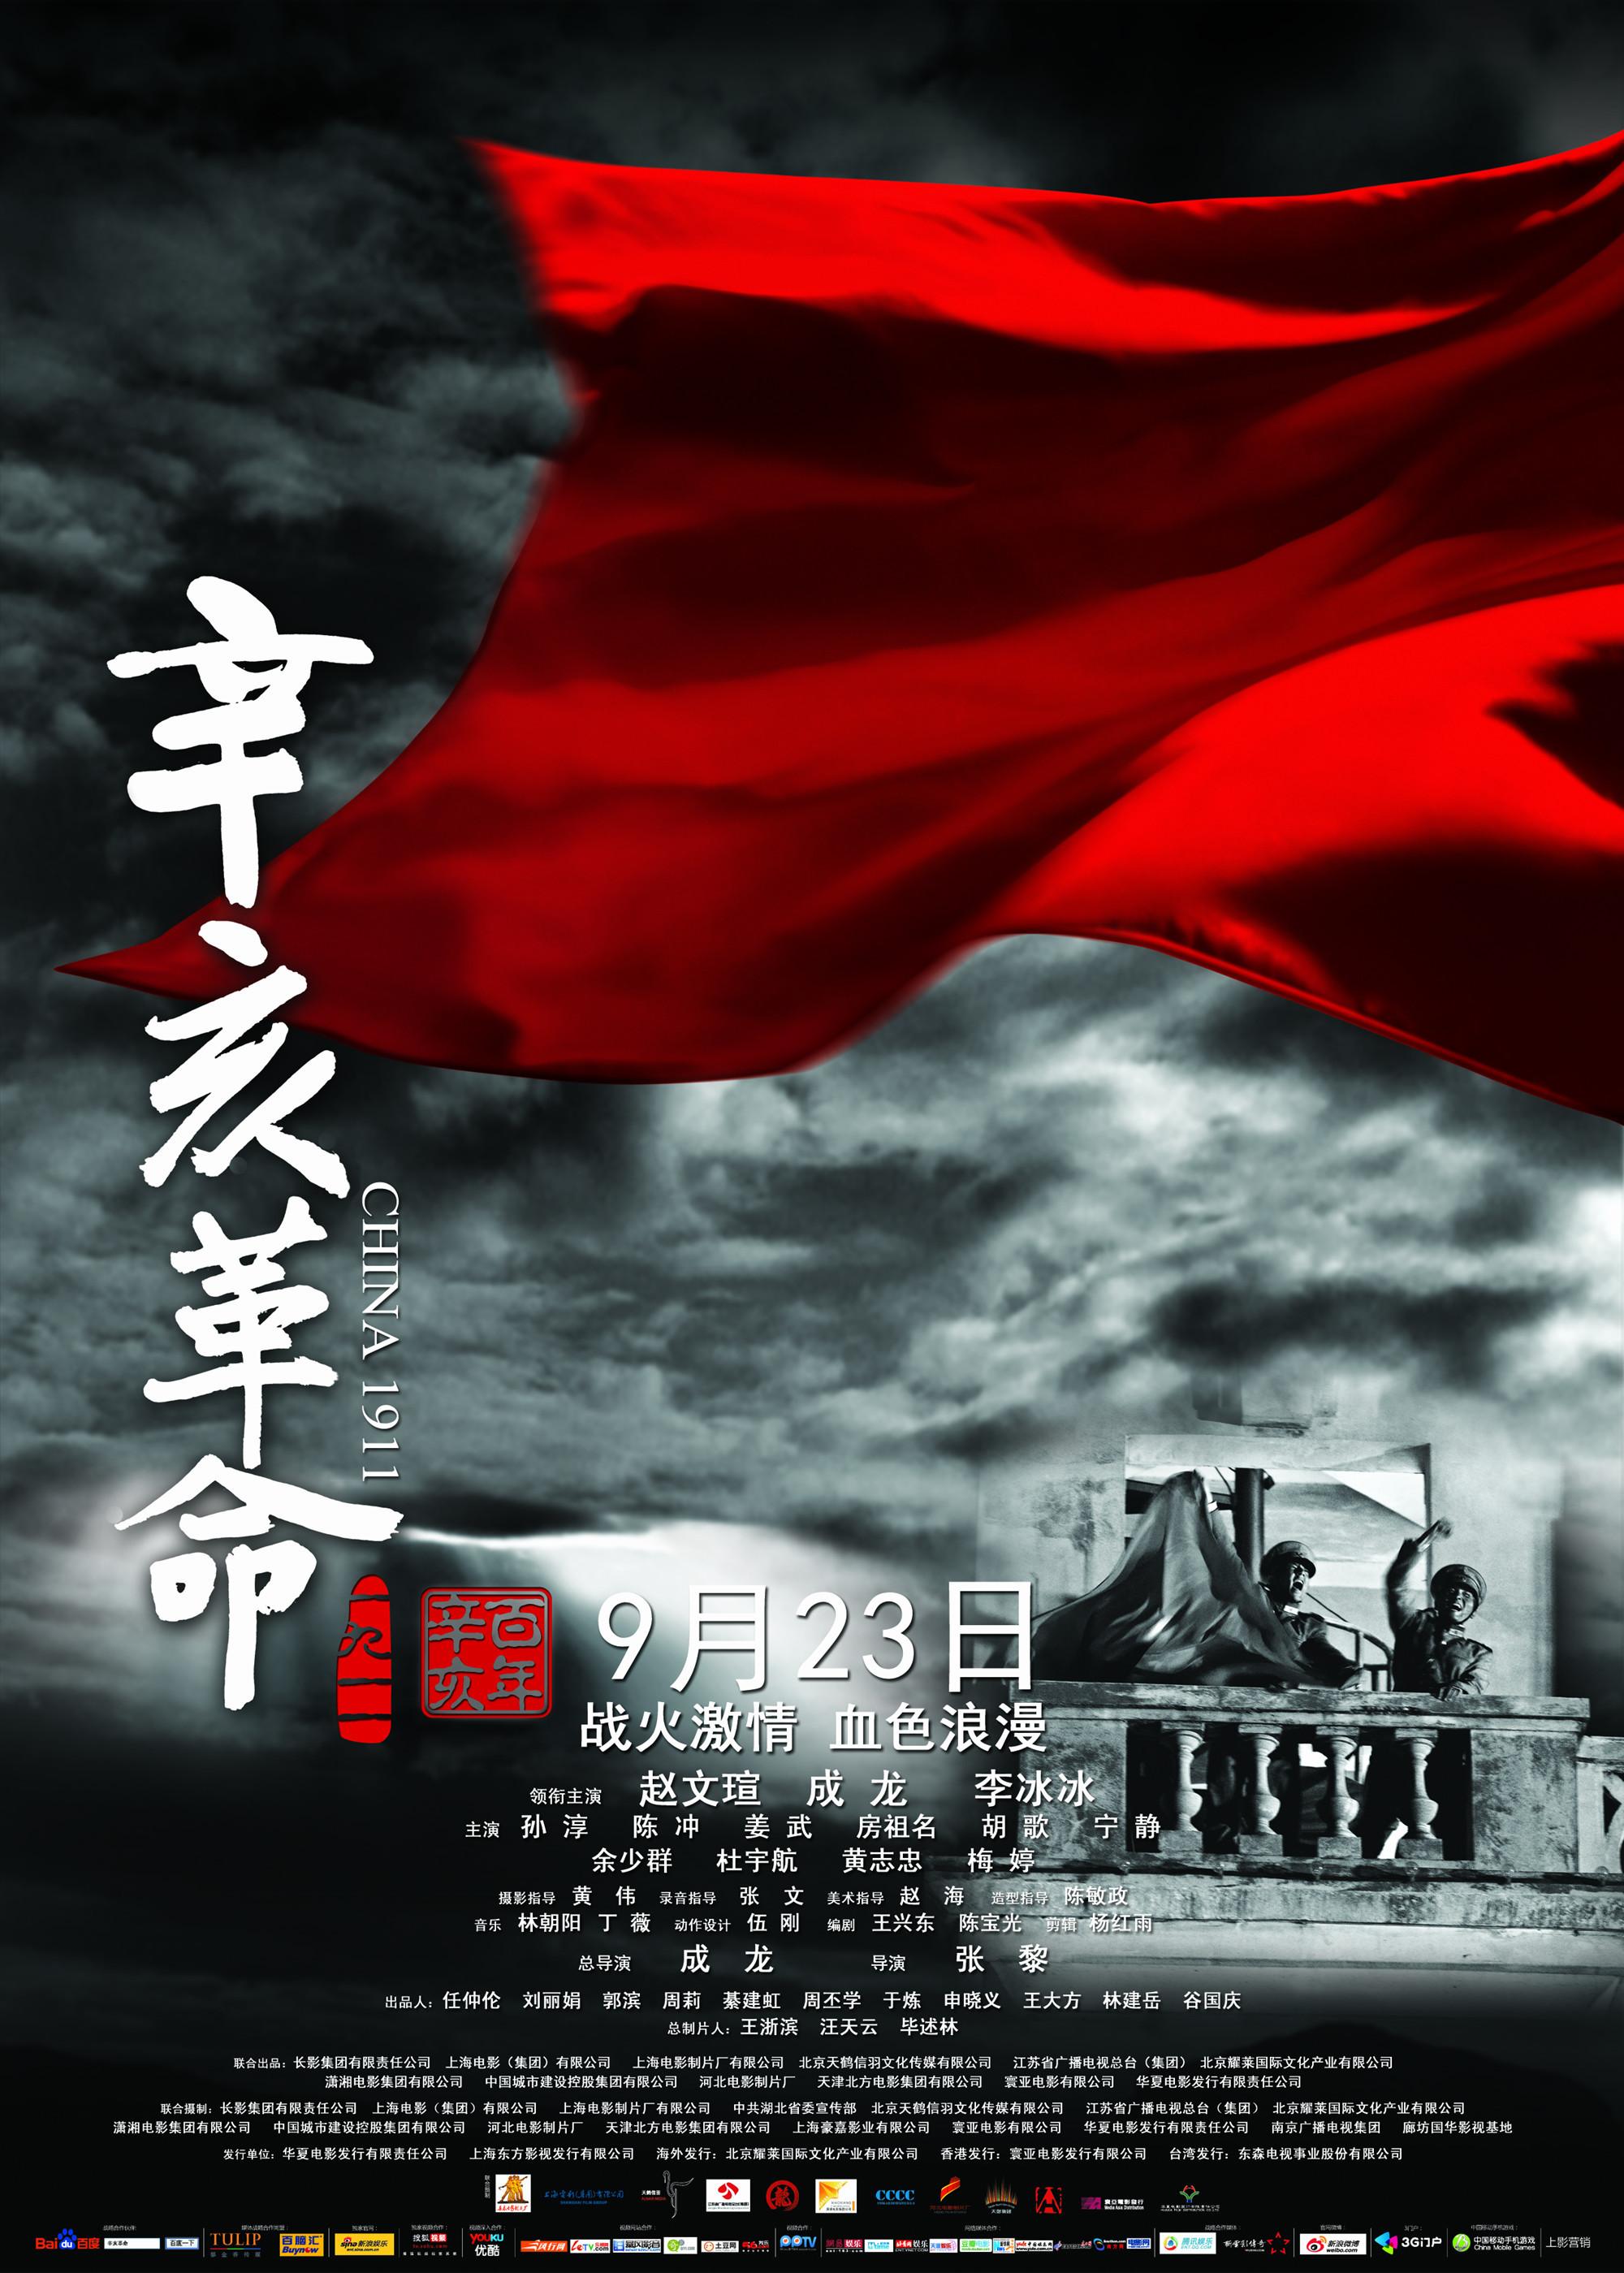 红色革命电影_辛亥革命(xin hai ge ming) - 电影图片 | 电影剧照